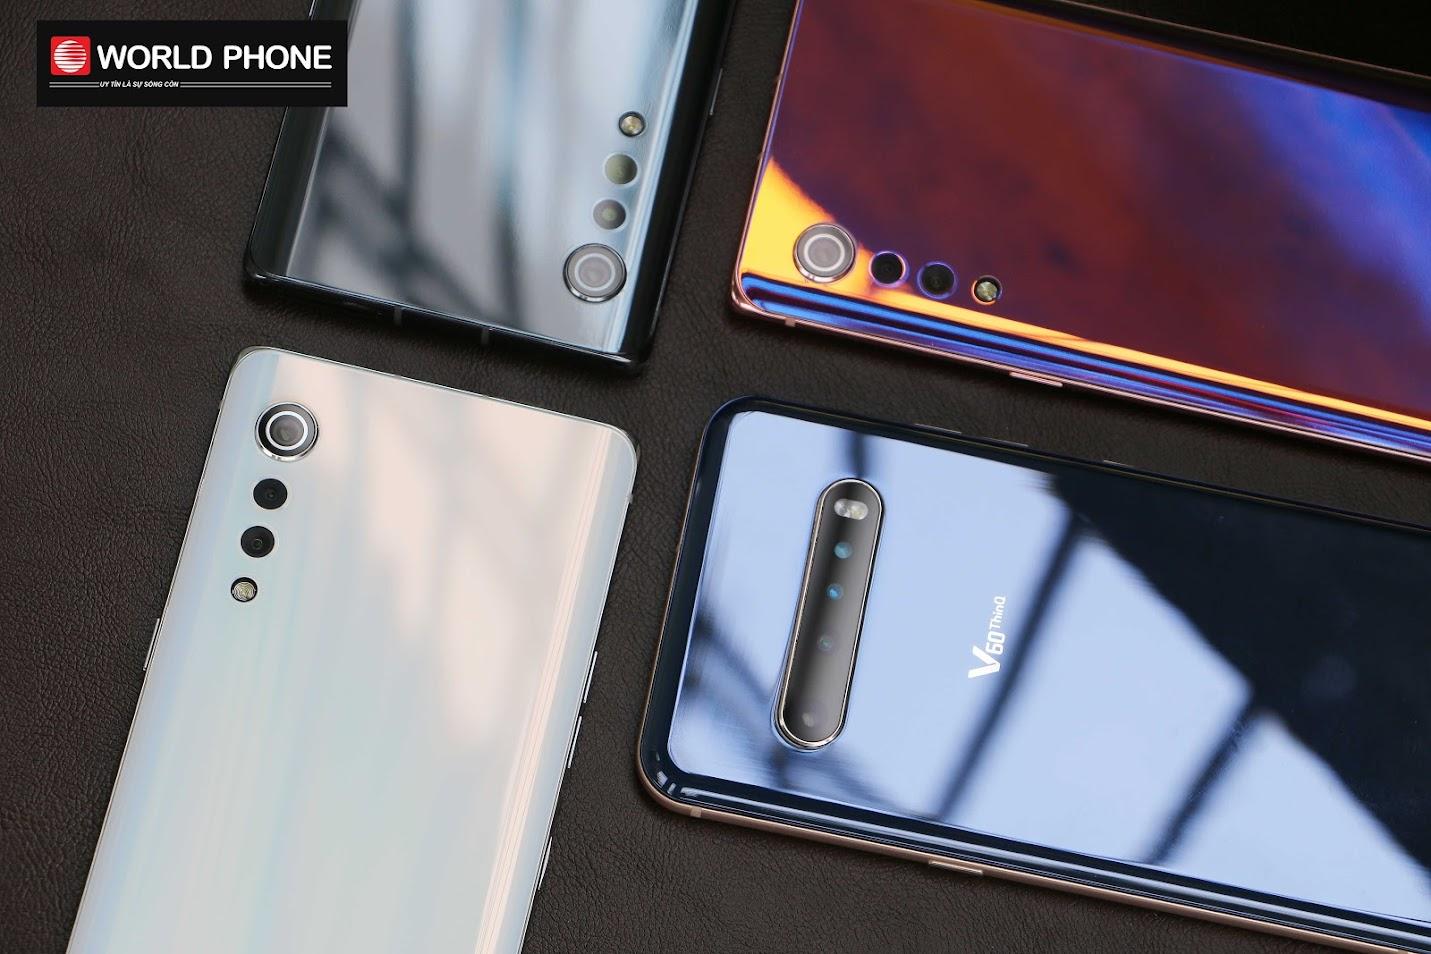 Mặt lưng bóng bẩy của điện thoại LG Velvet